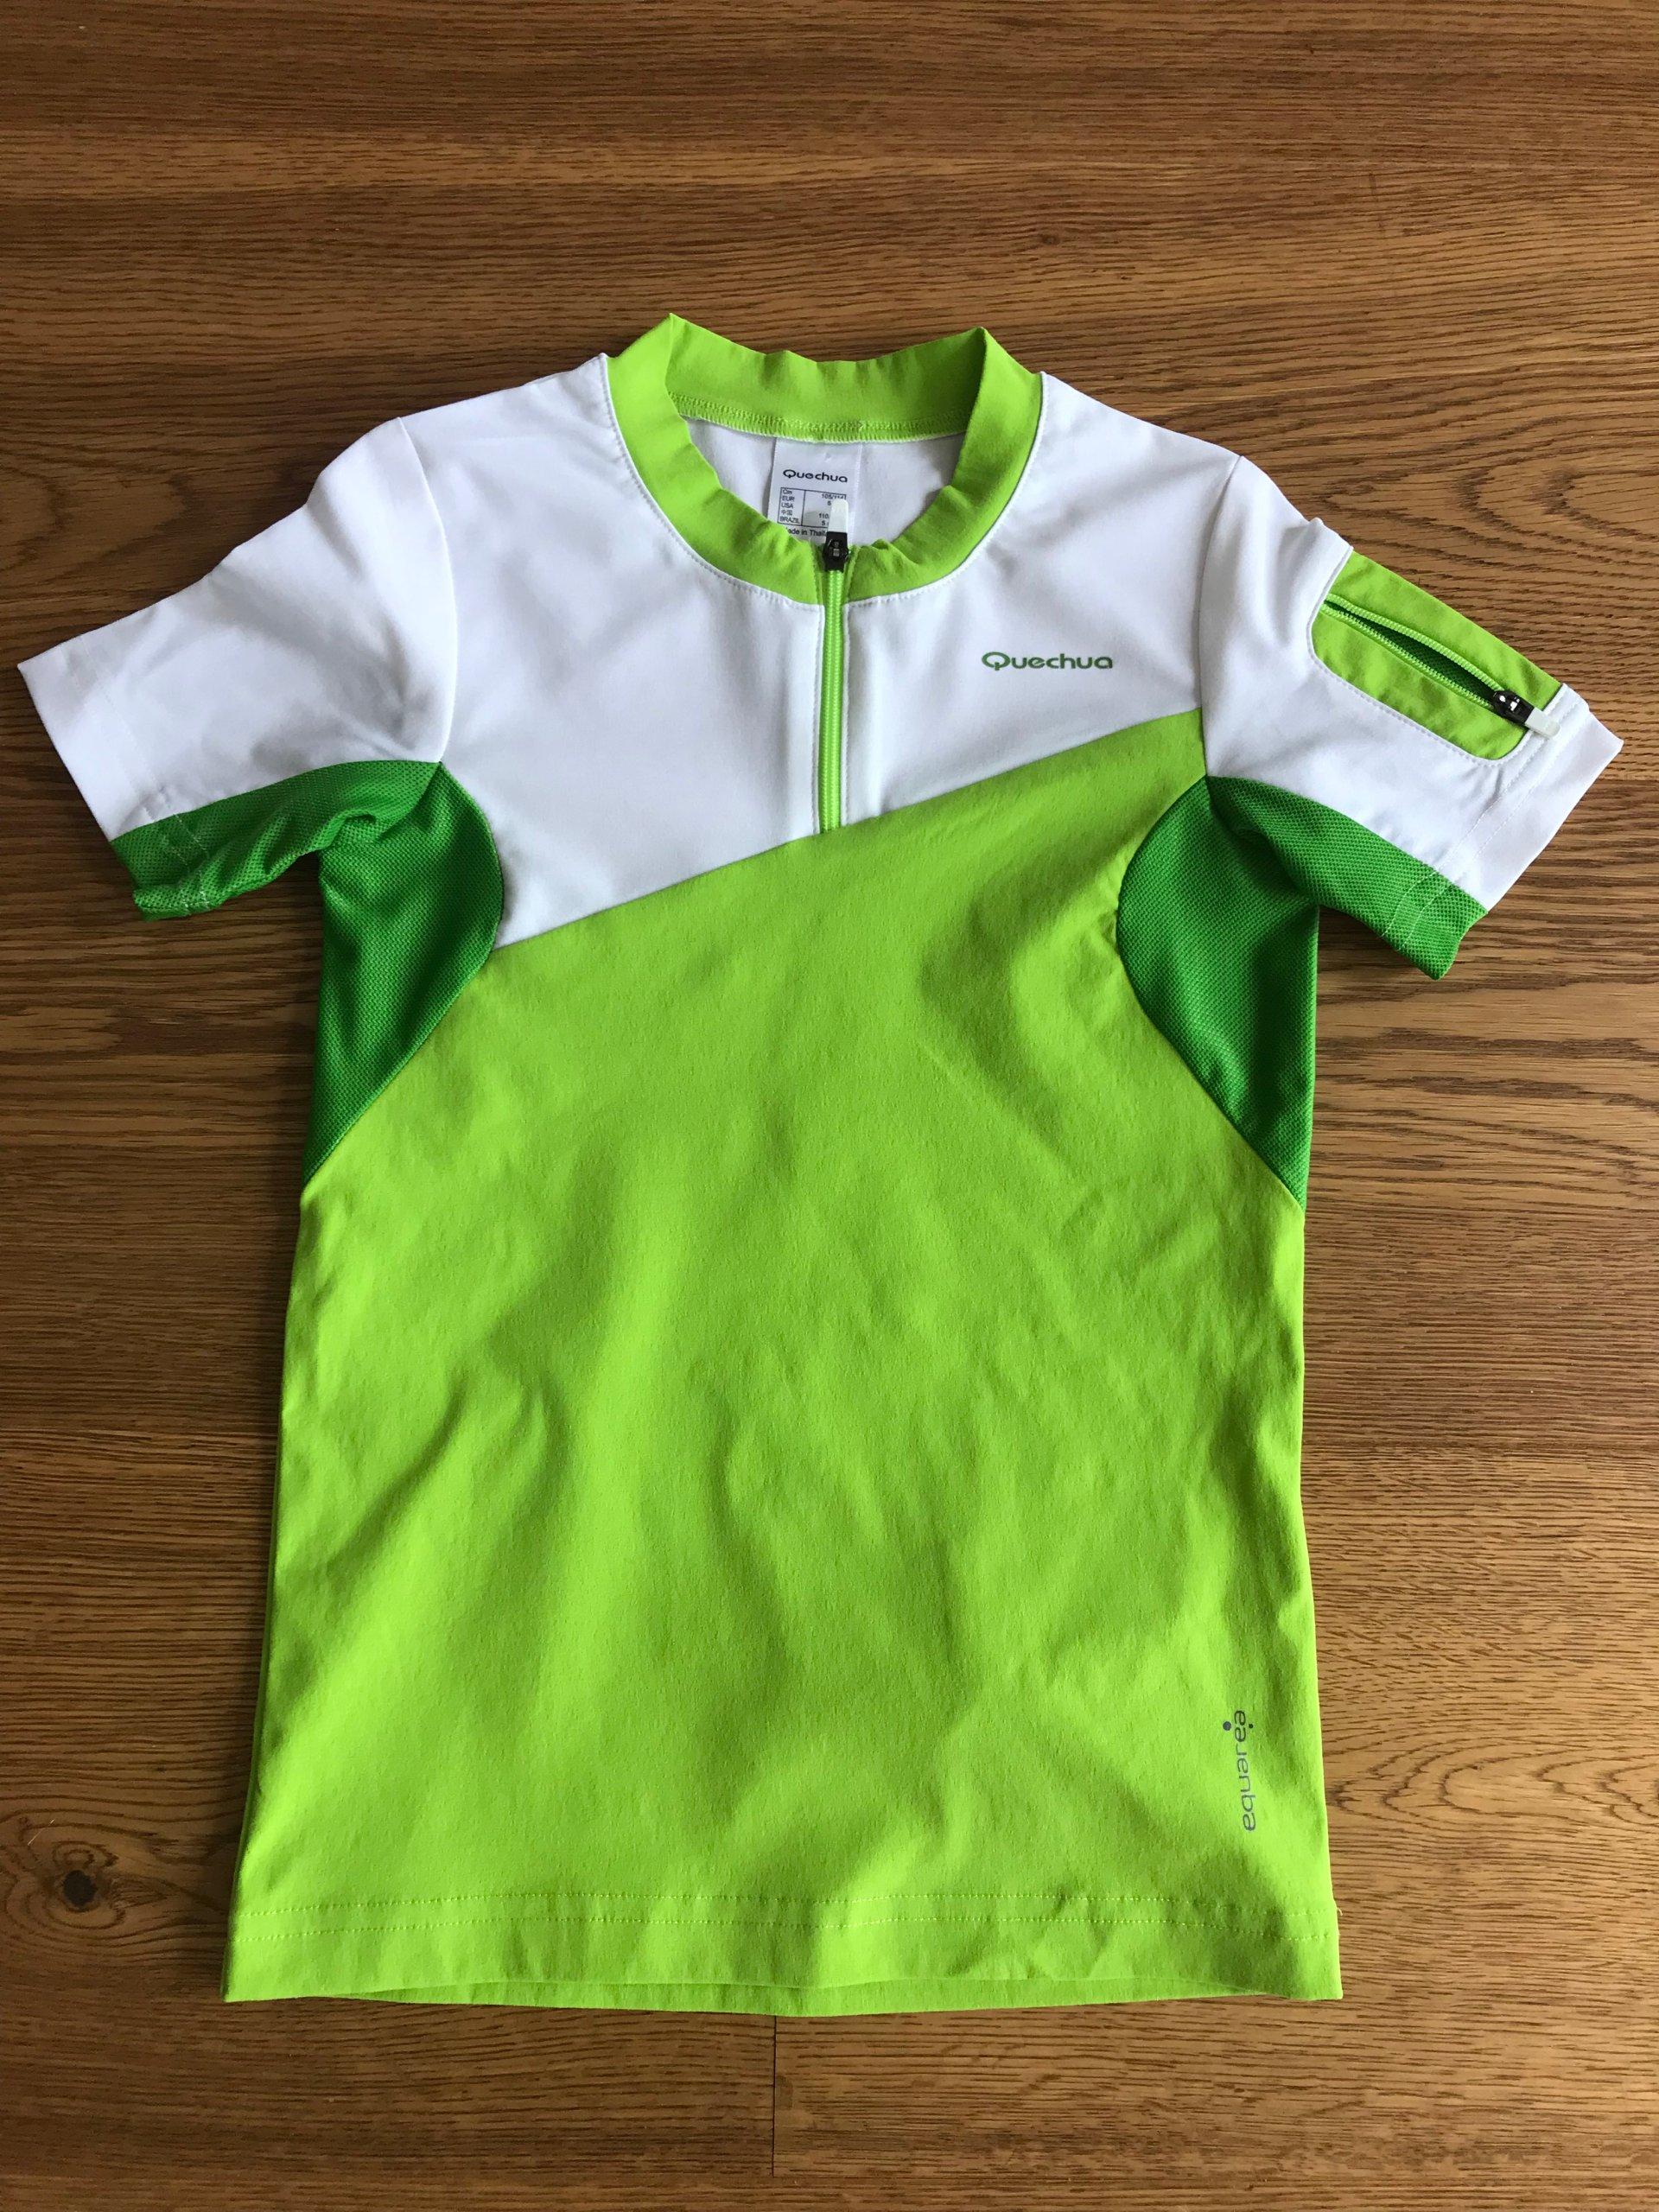 9338e37d5fbe Koszulka sportowa rower QUECHUA DECATHLON 105 114 - 7394889077 ...